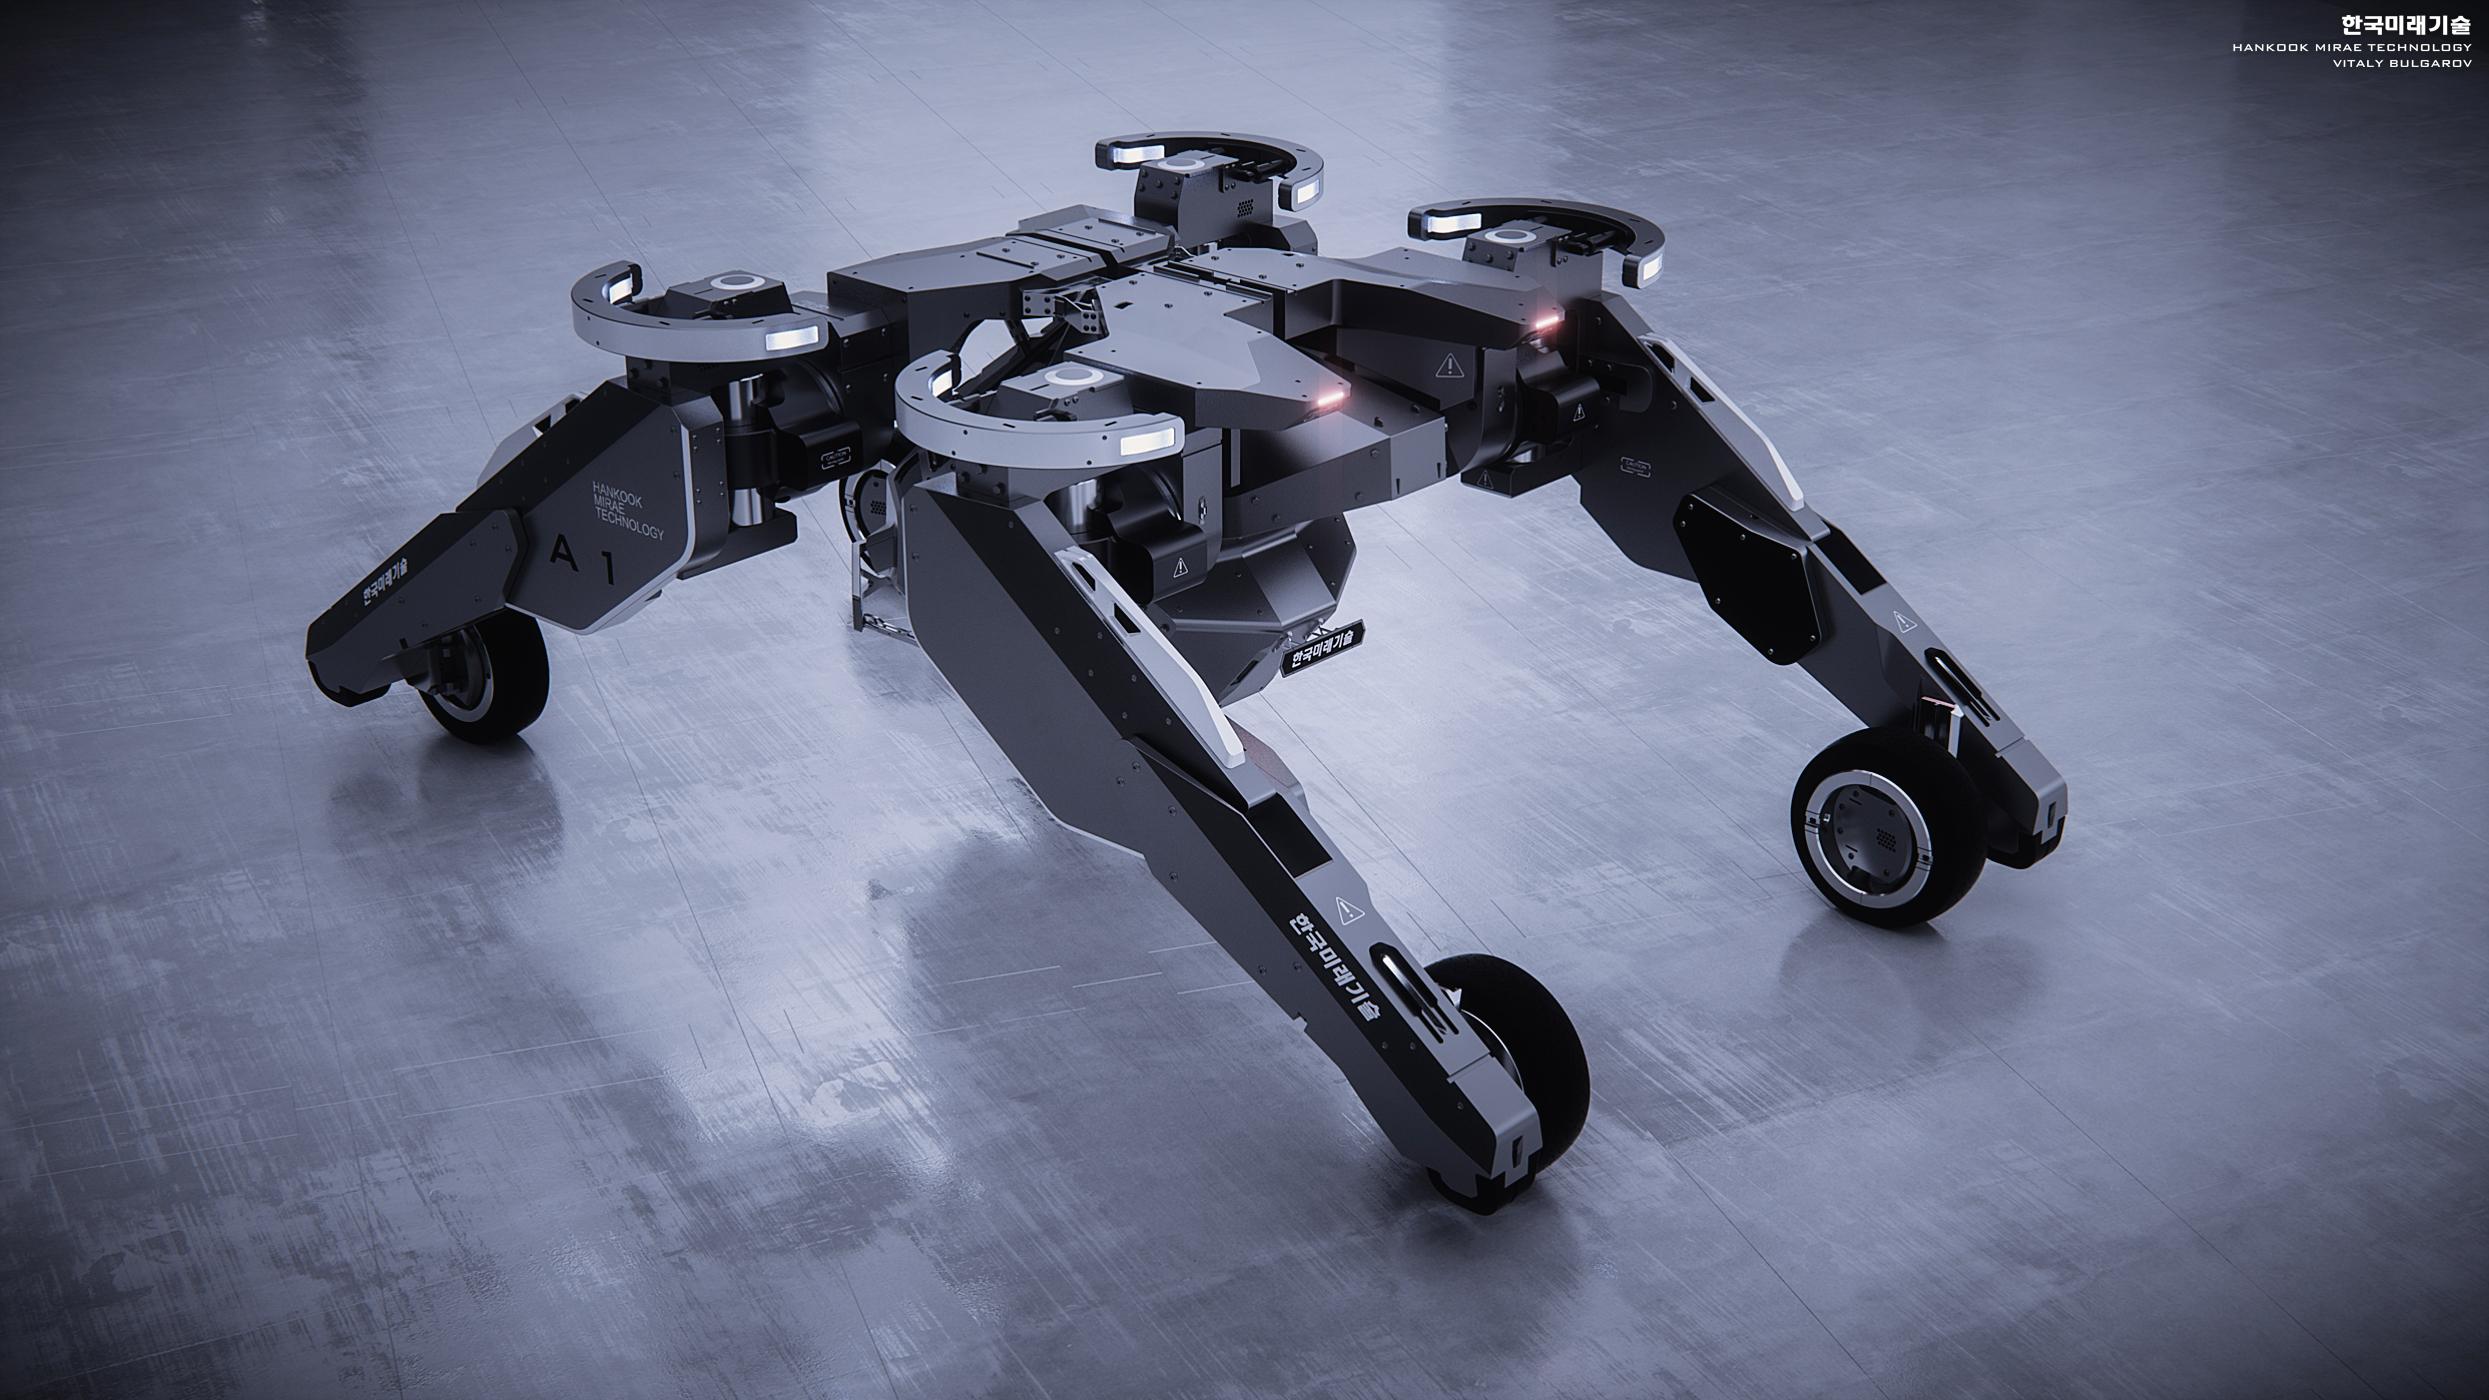 KFT_4LeggedRobot_V1_VehicleMode_05.jpg